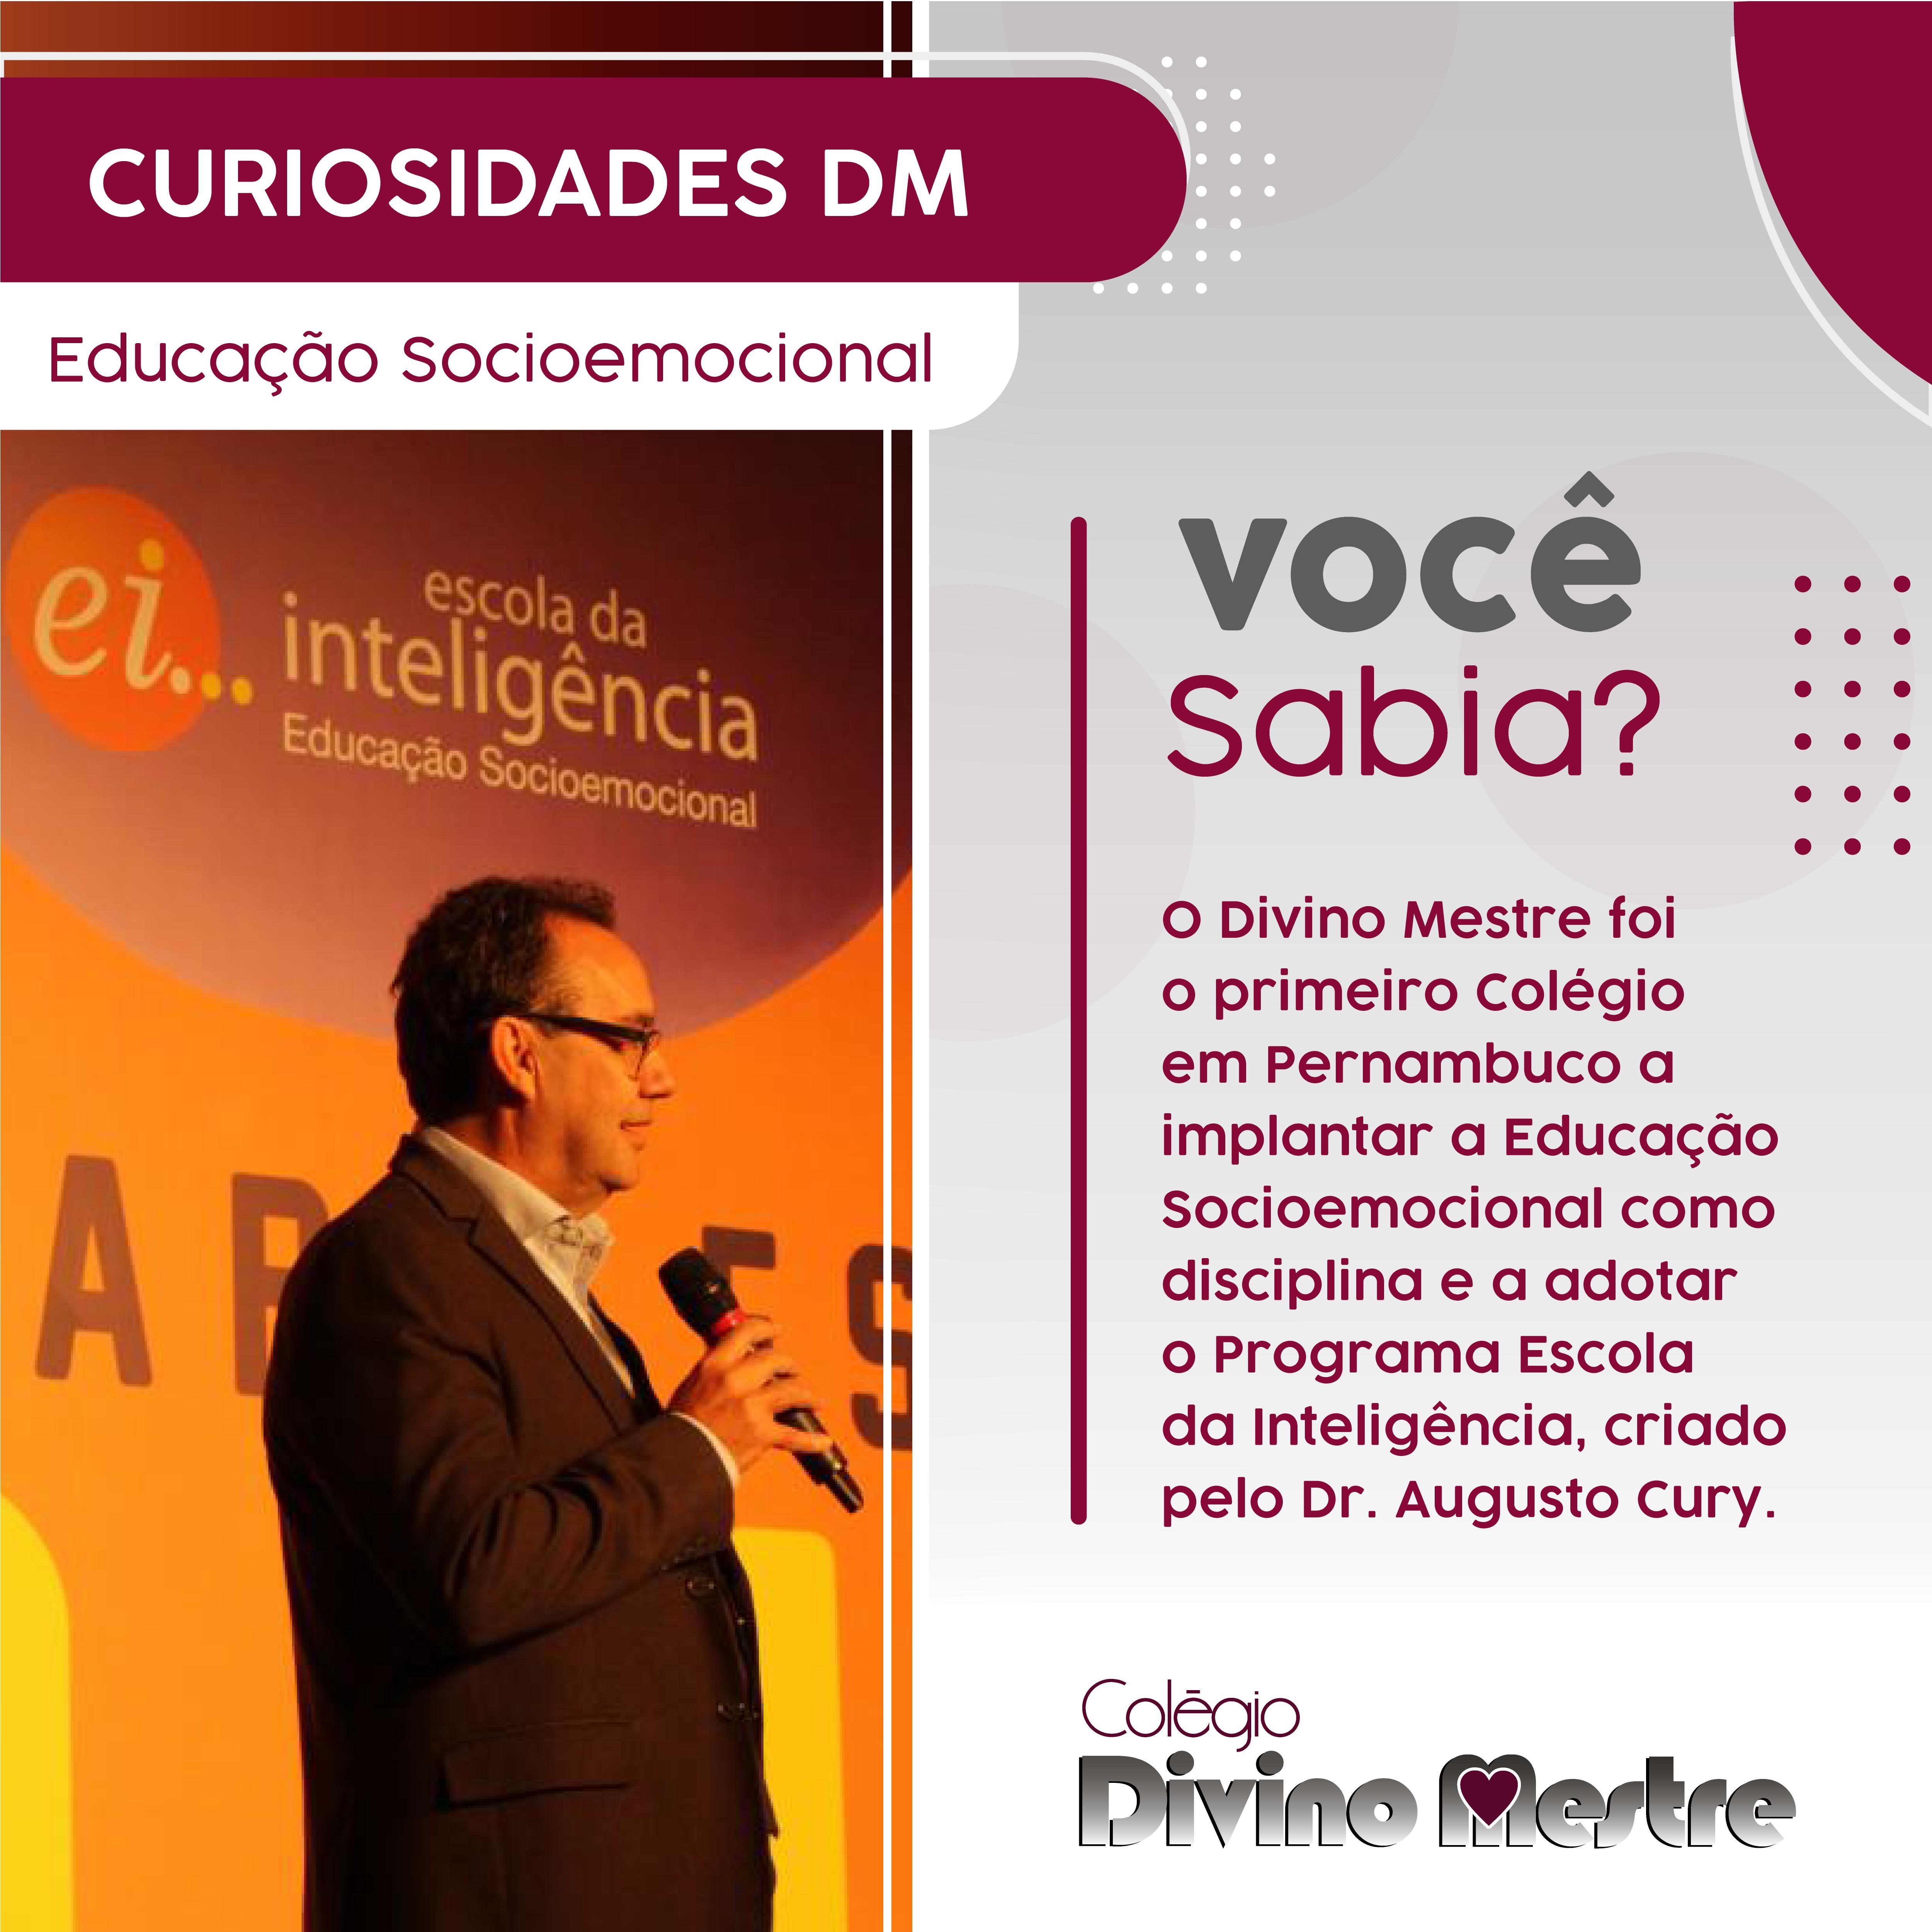 post curiosidades dm - Educação Socioemocional-01